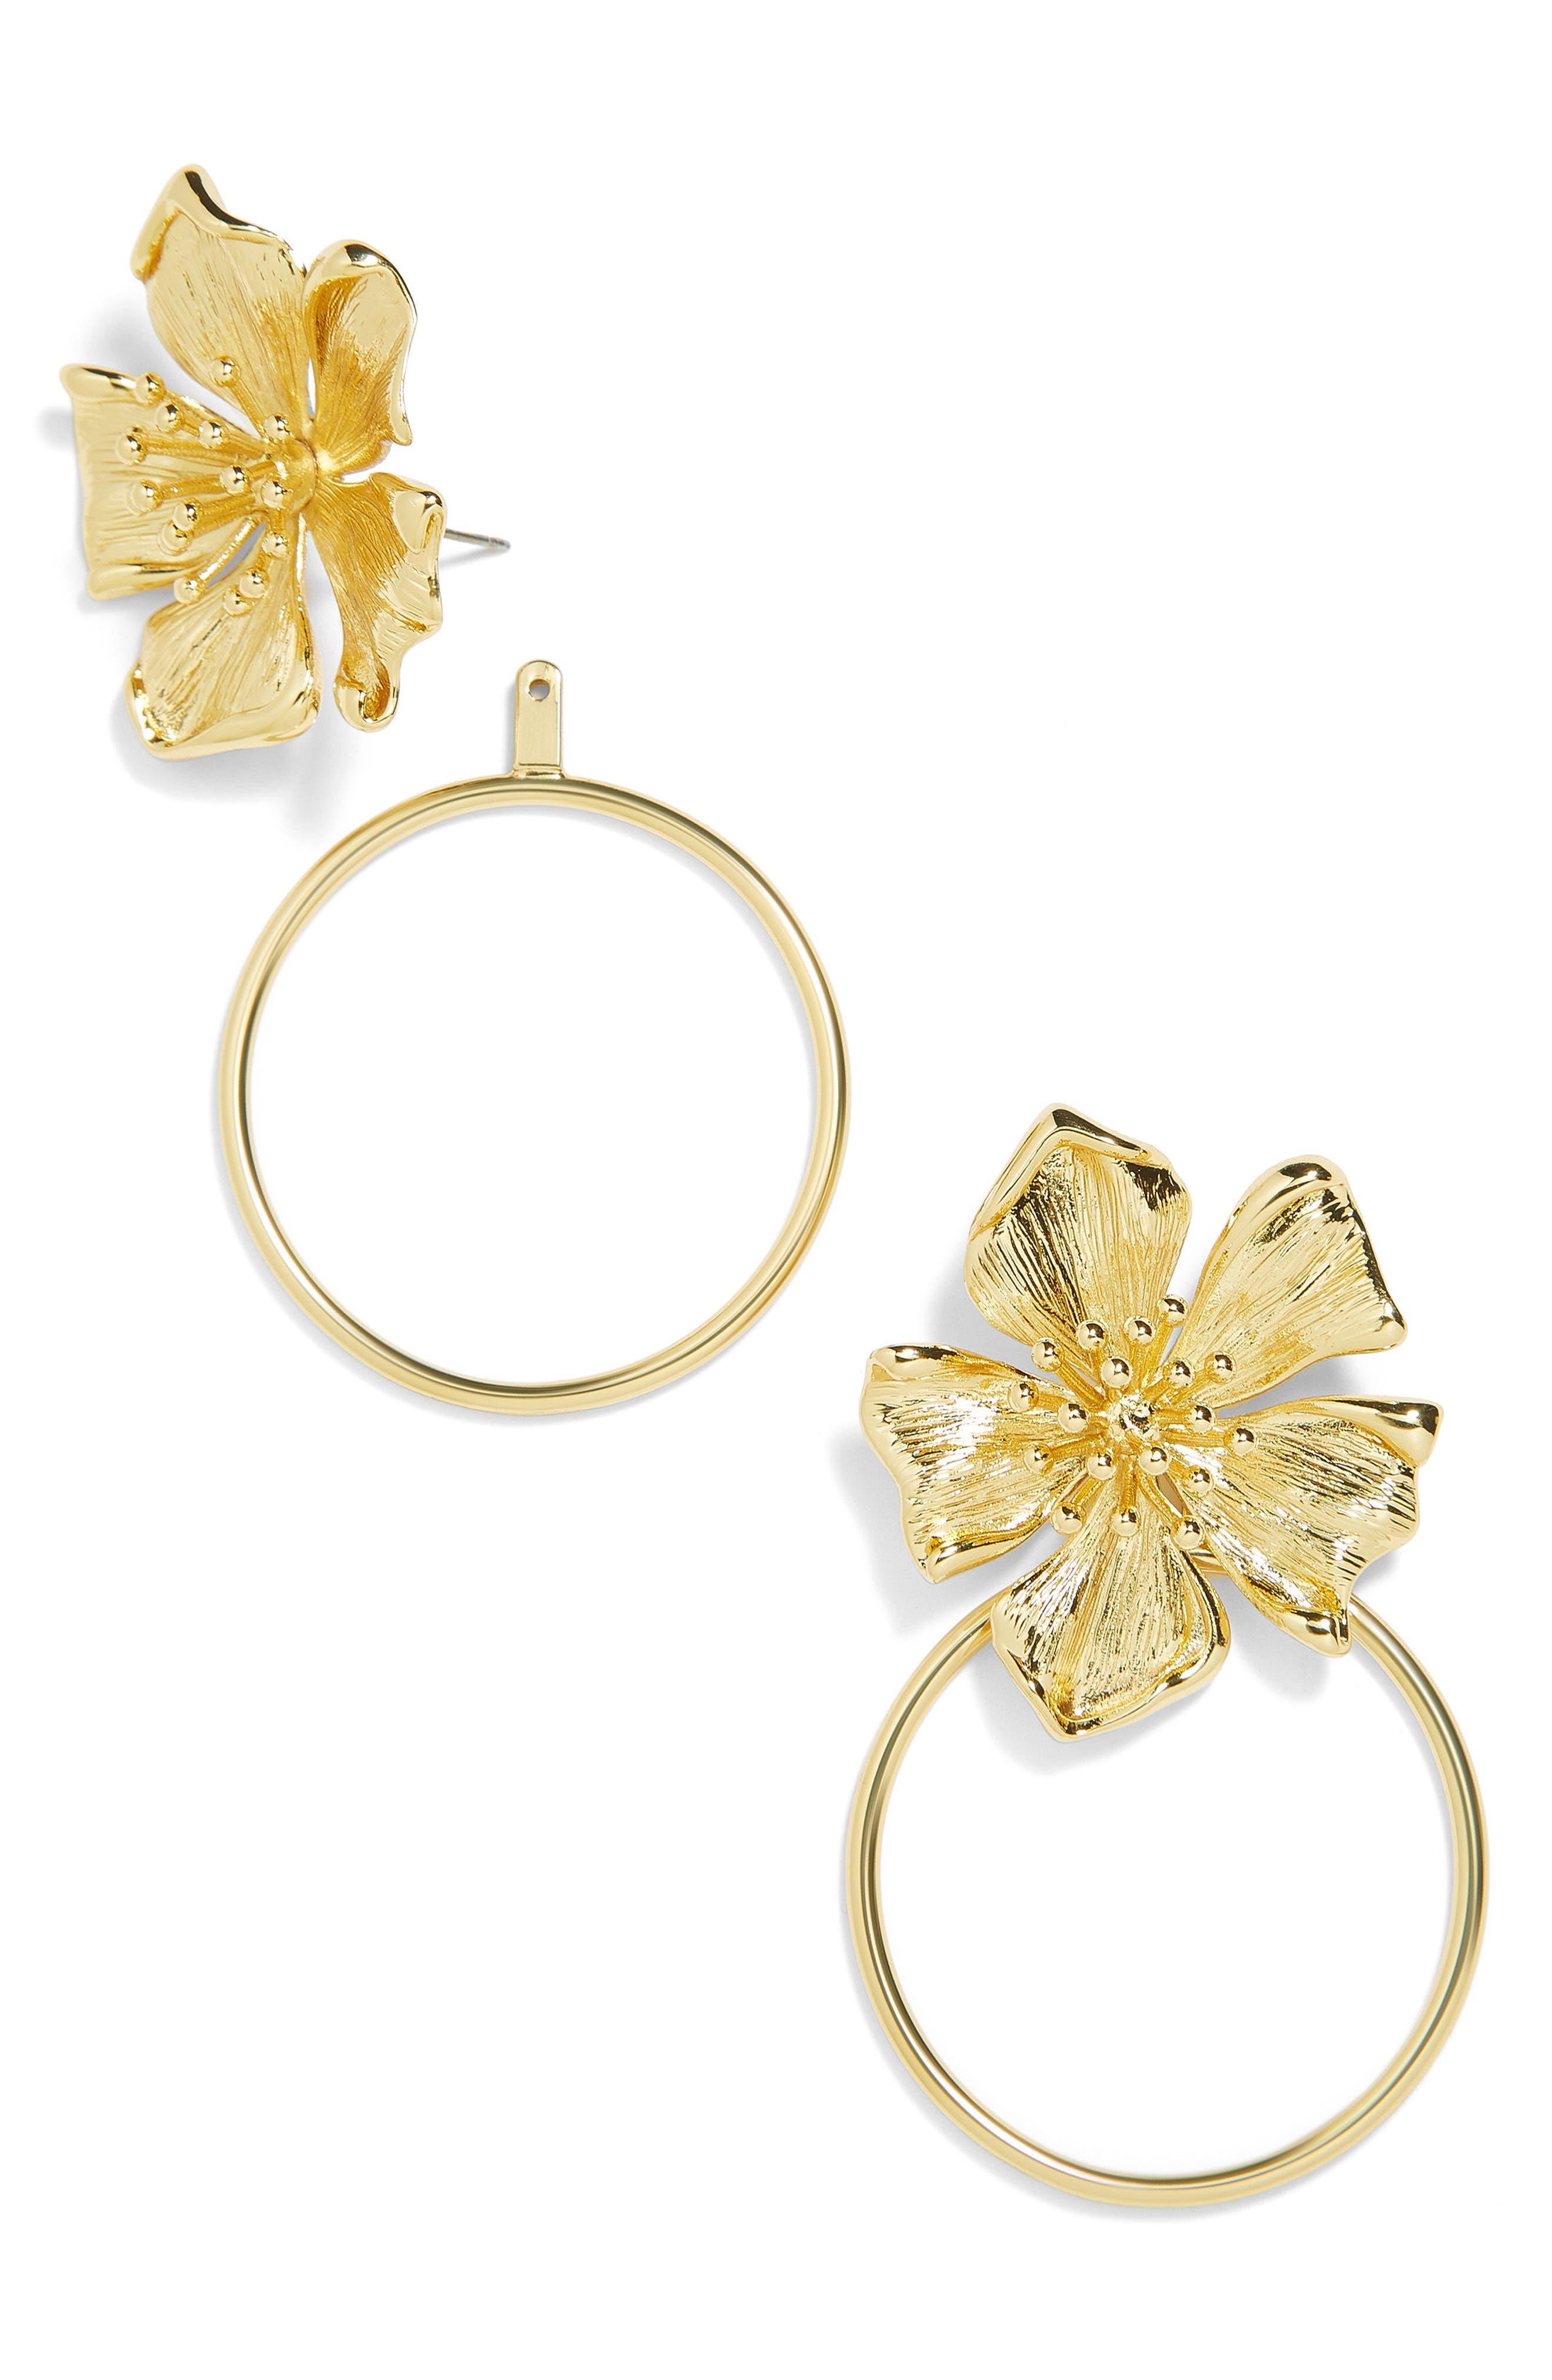 Penthia Hoop Earrings,                         Main,                         color, GOLD